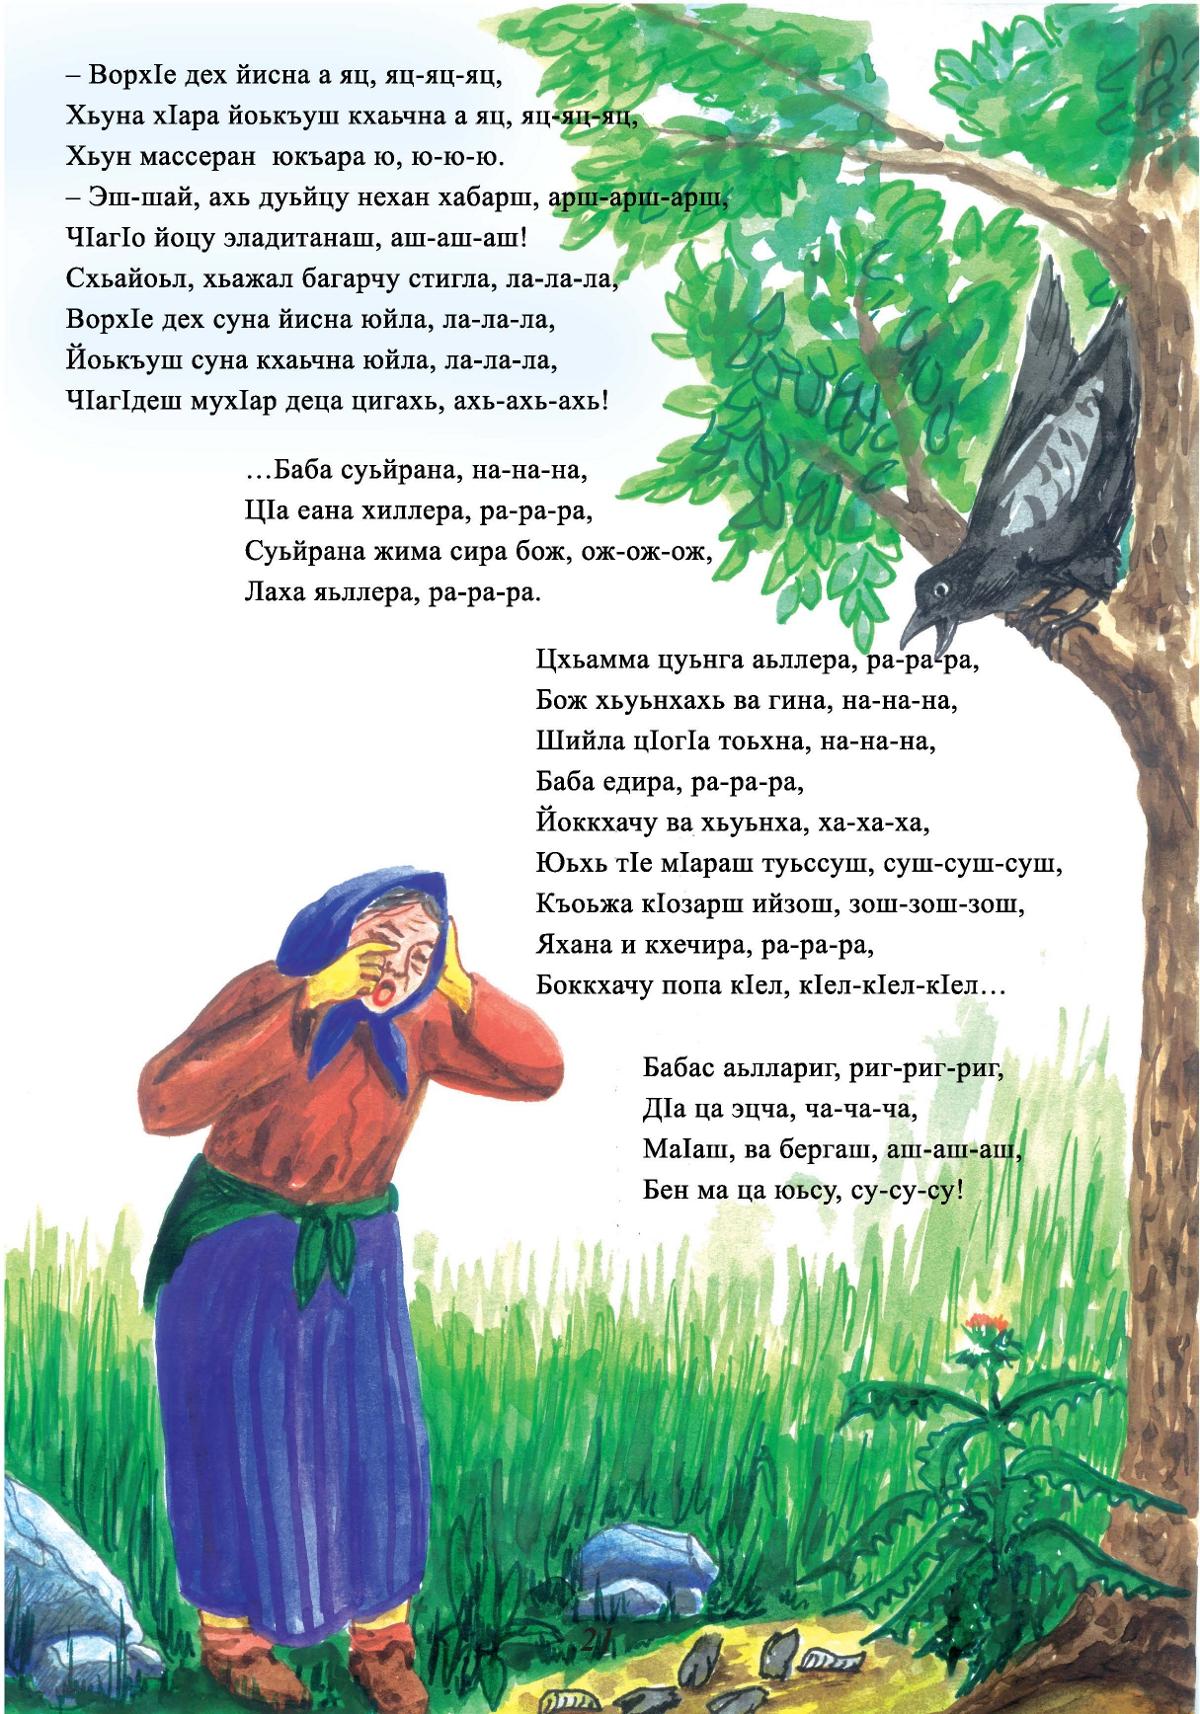 Поздравление на чеченском языке девушке фото 551